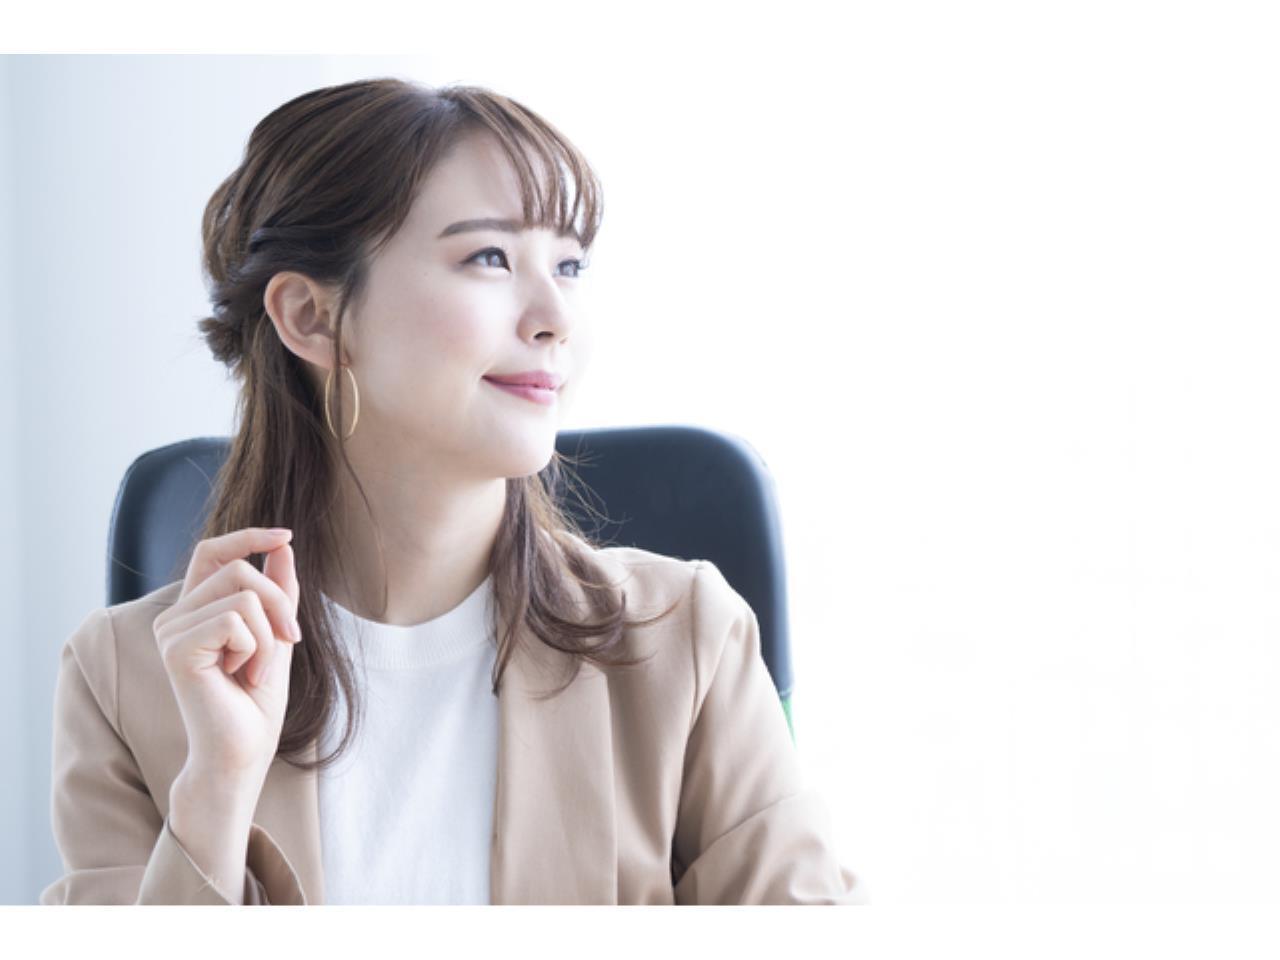 オフィスワークデビューOKの顧客や商品管理など営業事務